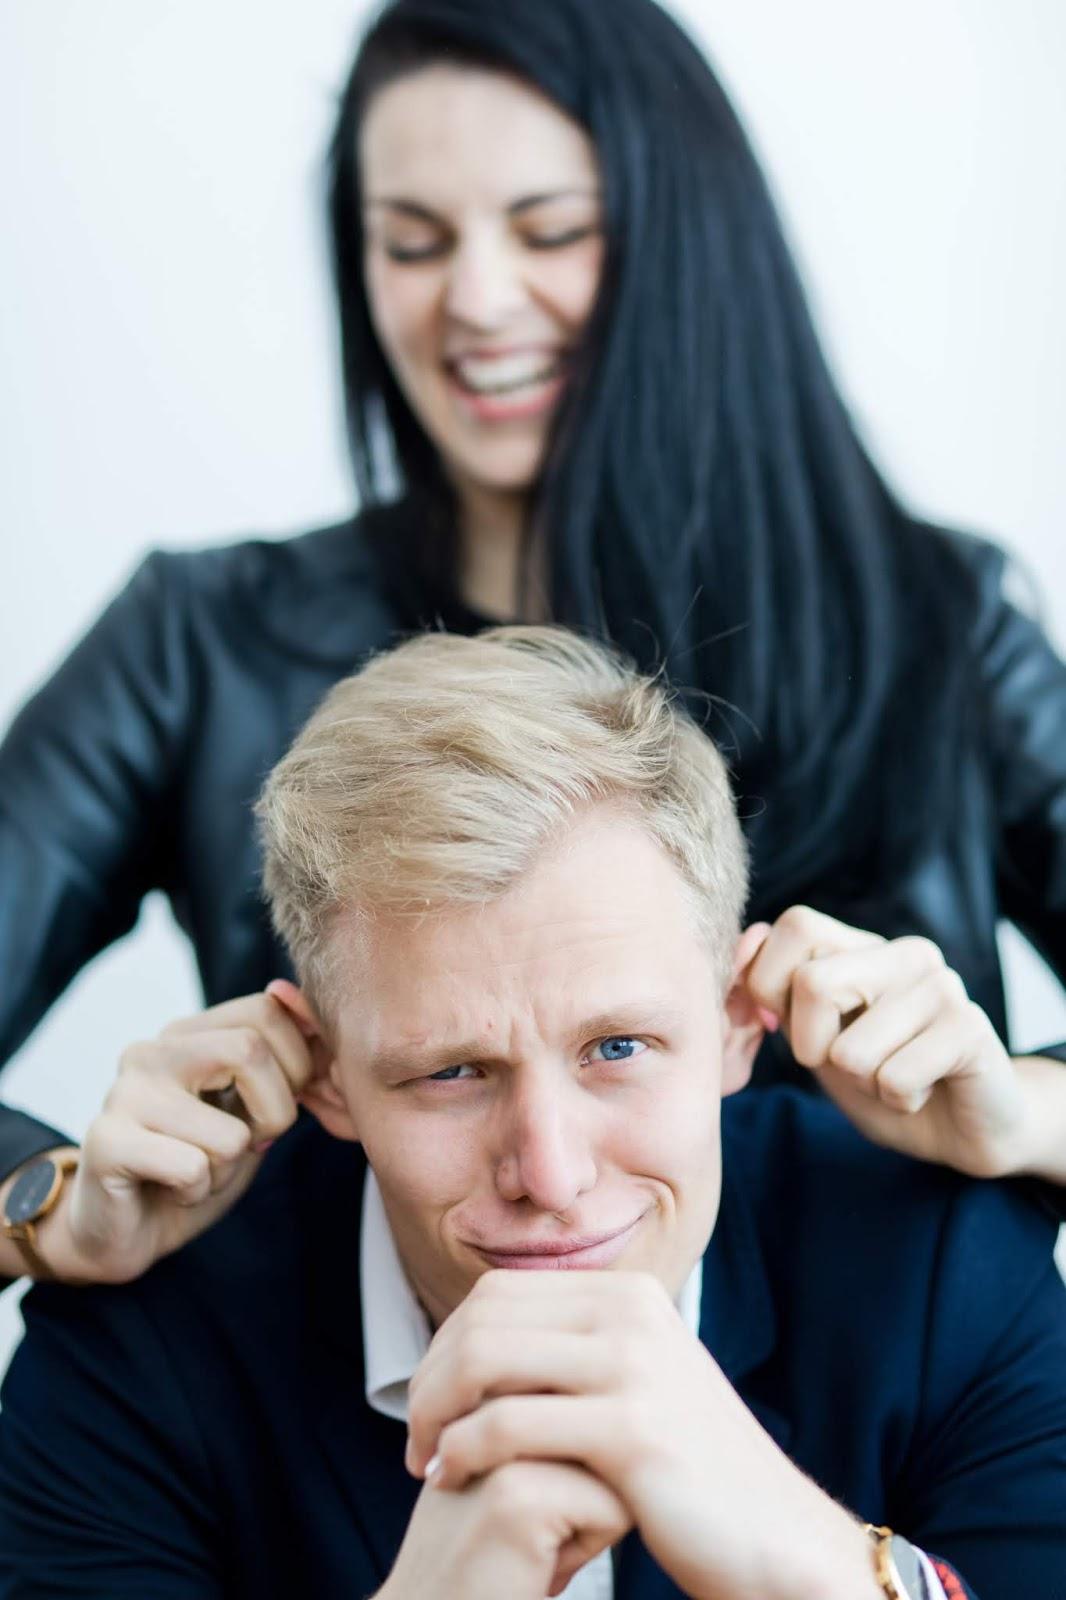 vzťah medzi mužom a ženou